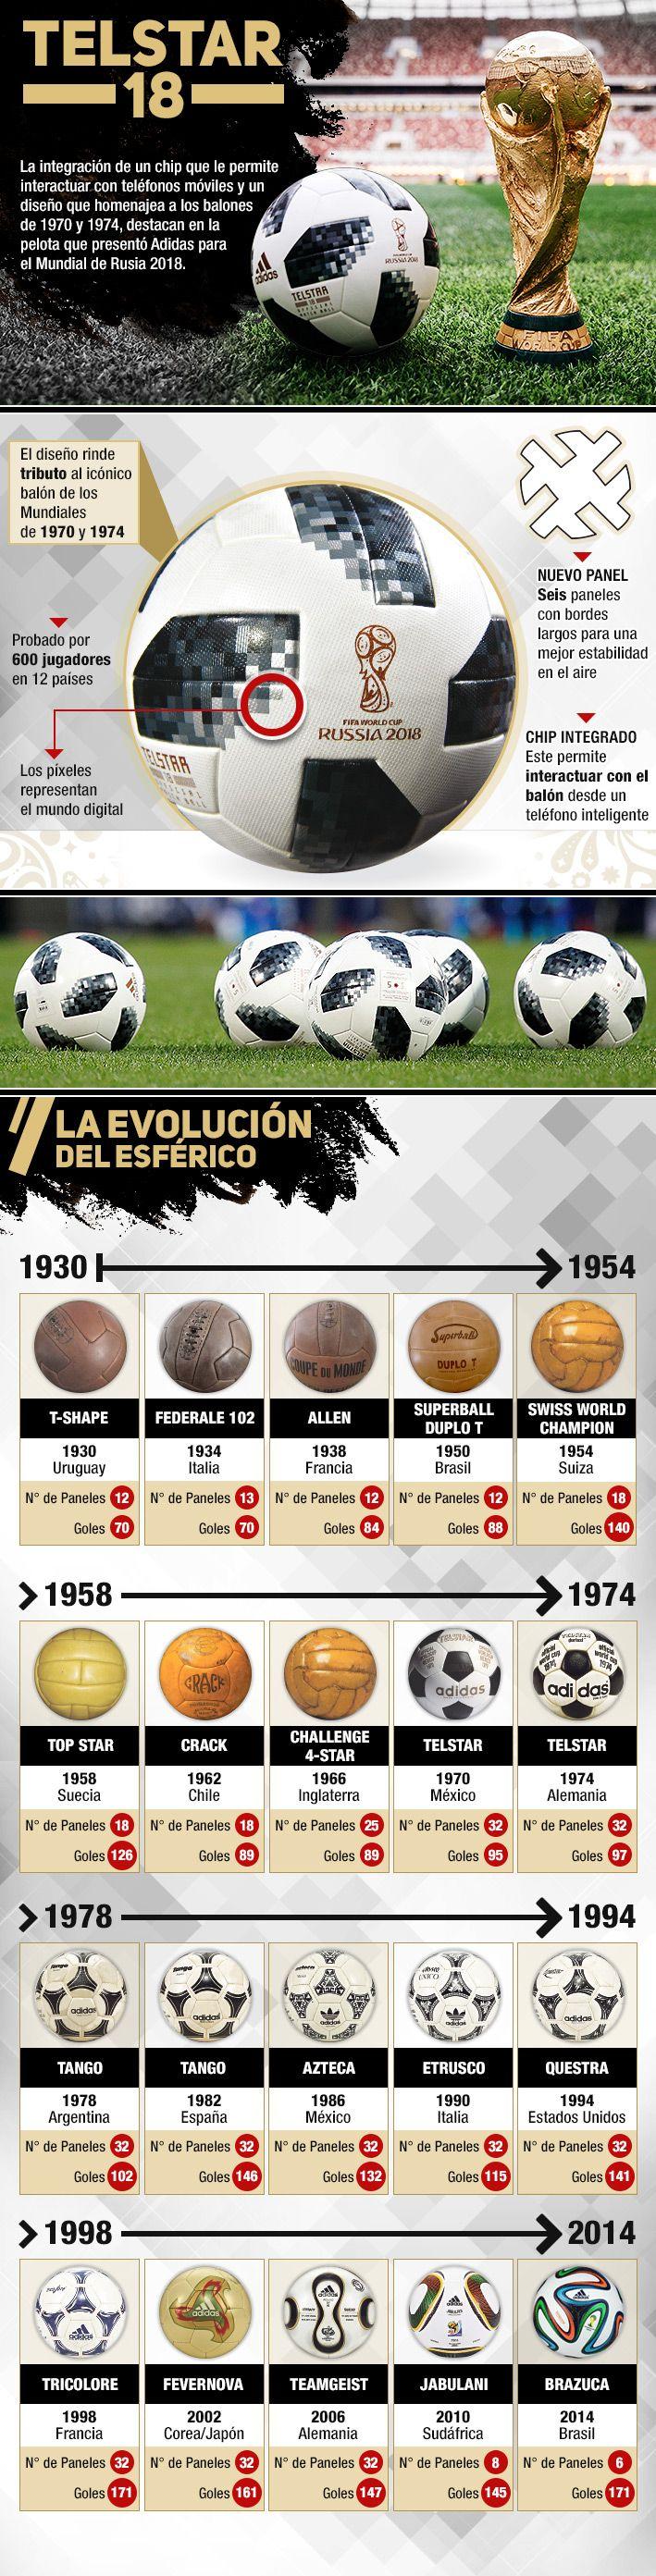 Adidas Telstar 18 Conoce la pelota que se utilizará en el